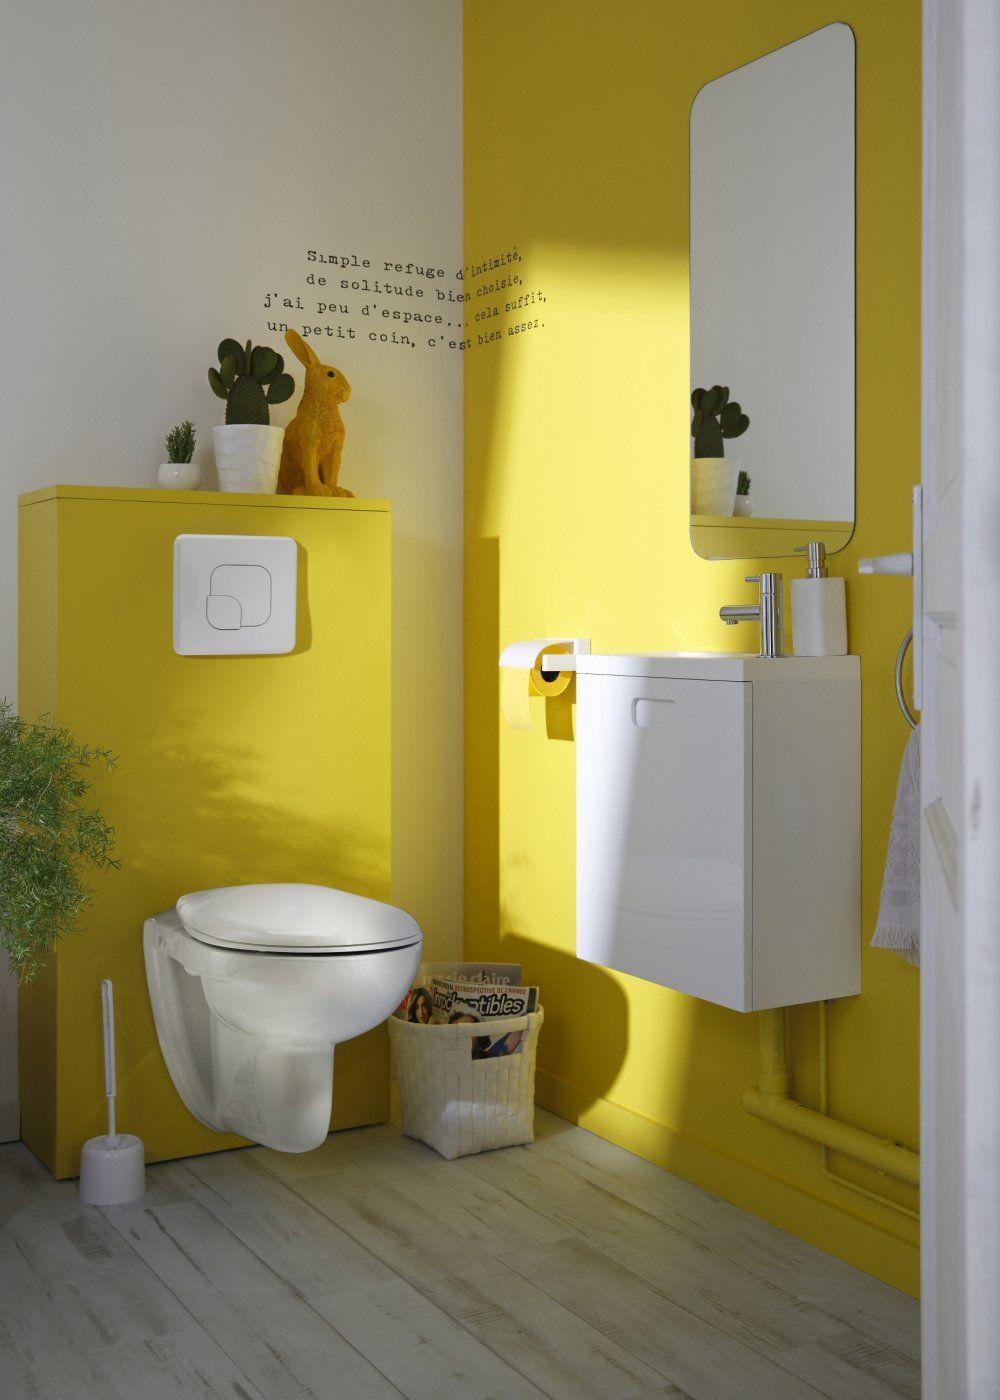 De 25 Idees Pour Decorer Vos Wc Peinture Toilettes Accessoires Salle De Bain Et Salle De Bains Jaune